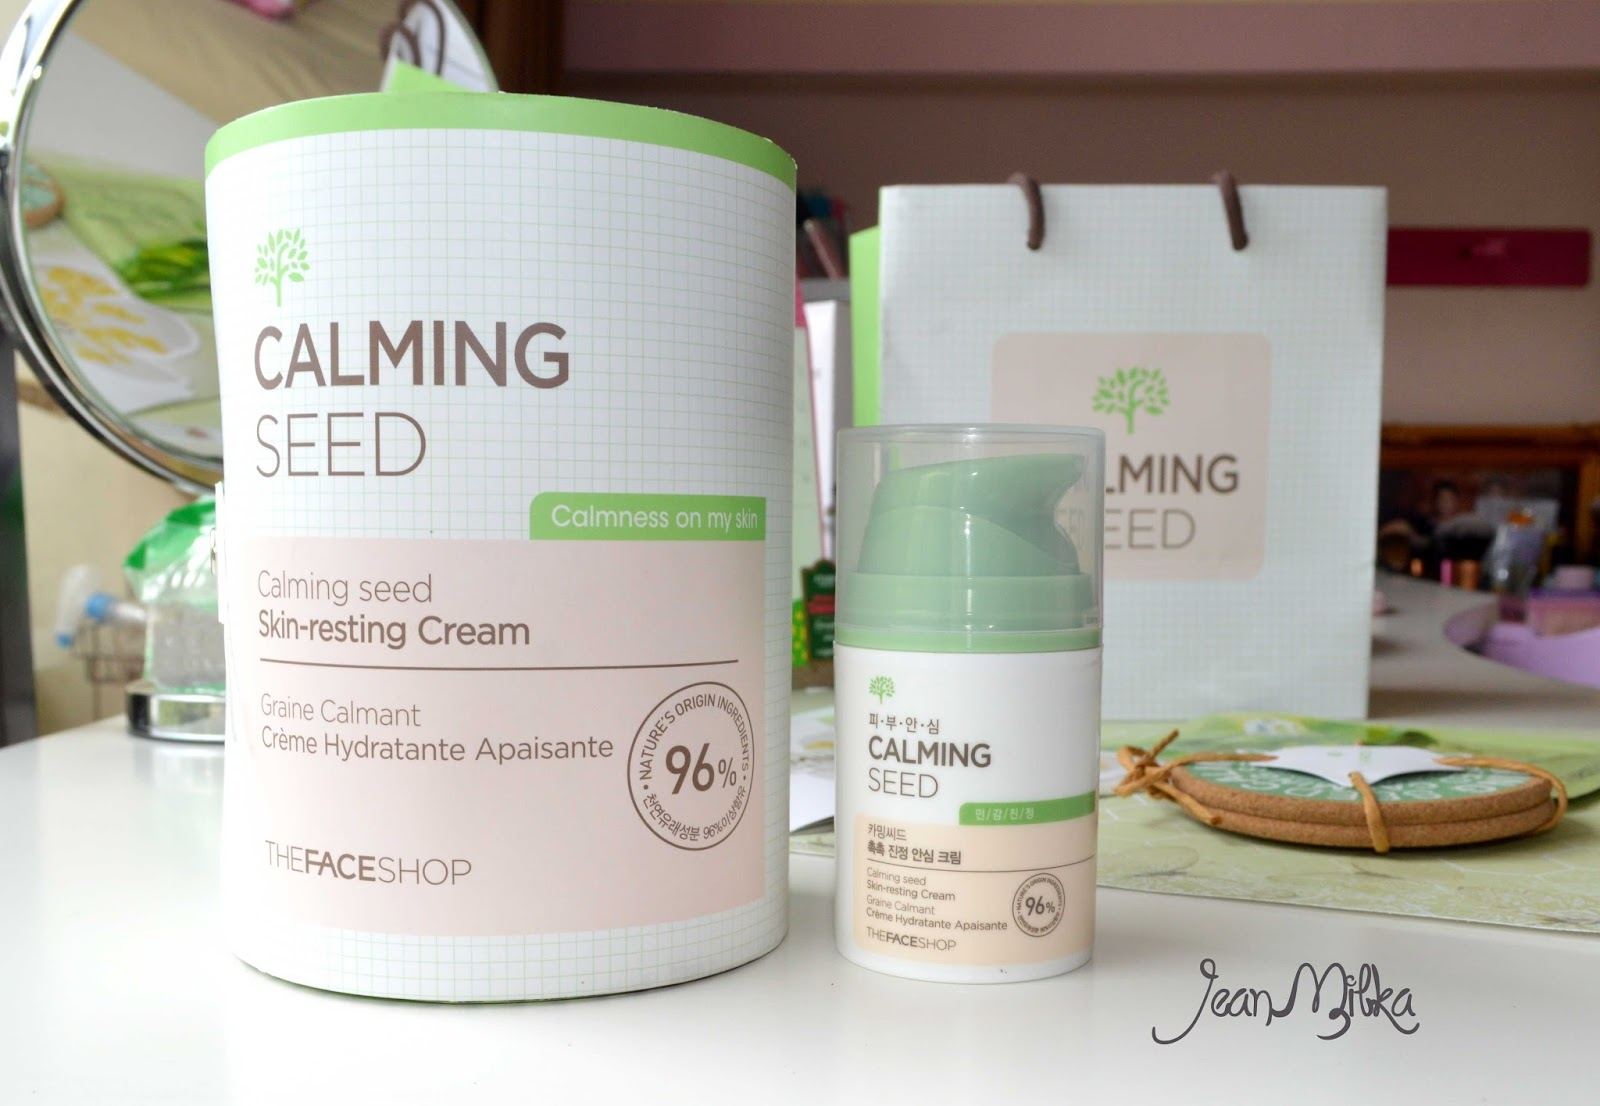 29 Elegant The Face Shop Skin Care Review | Vizitmir.com